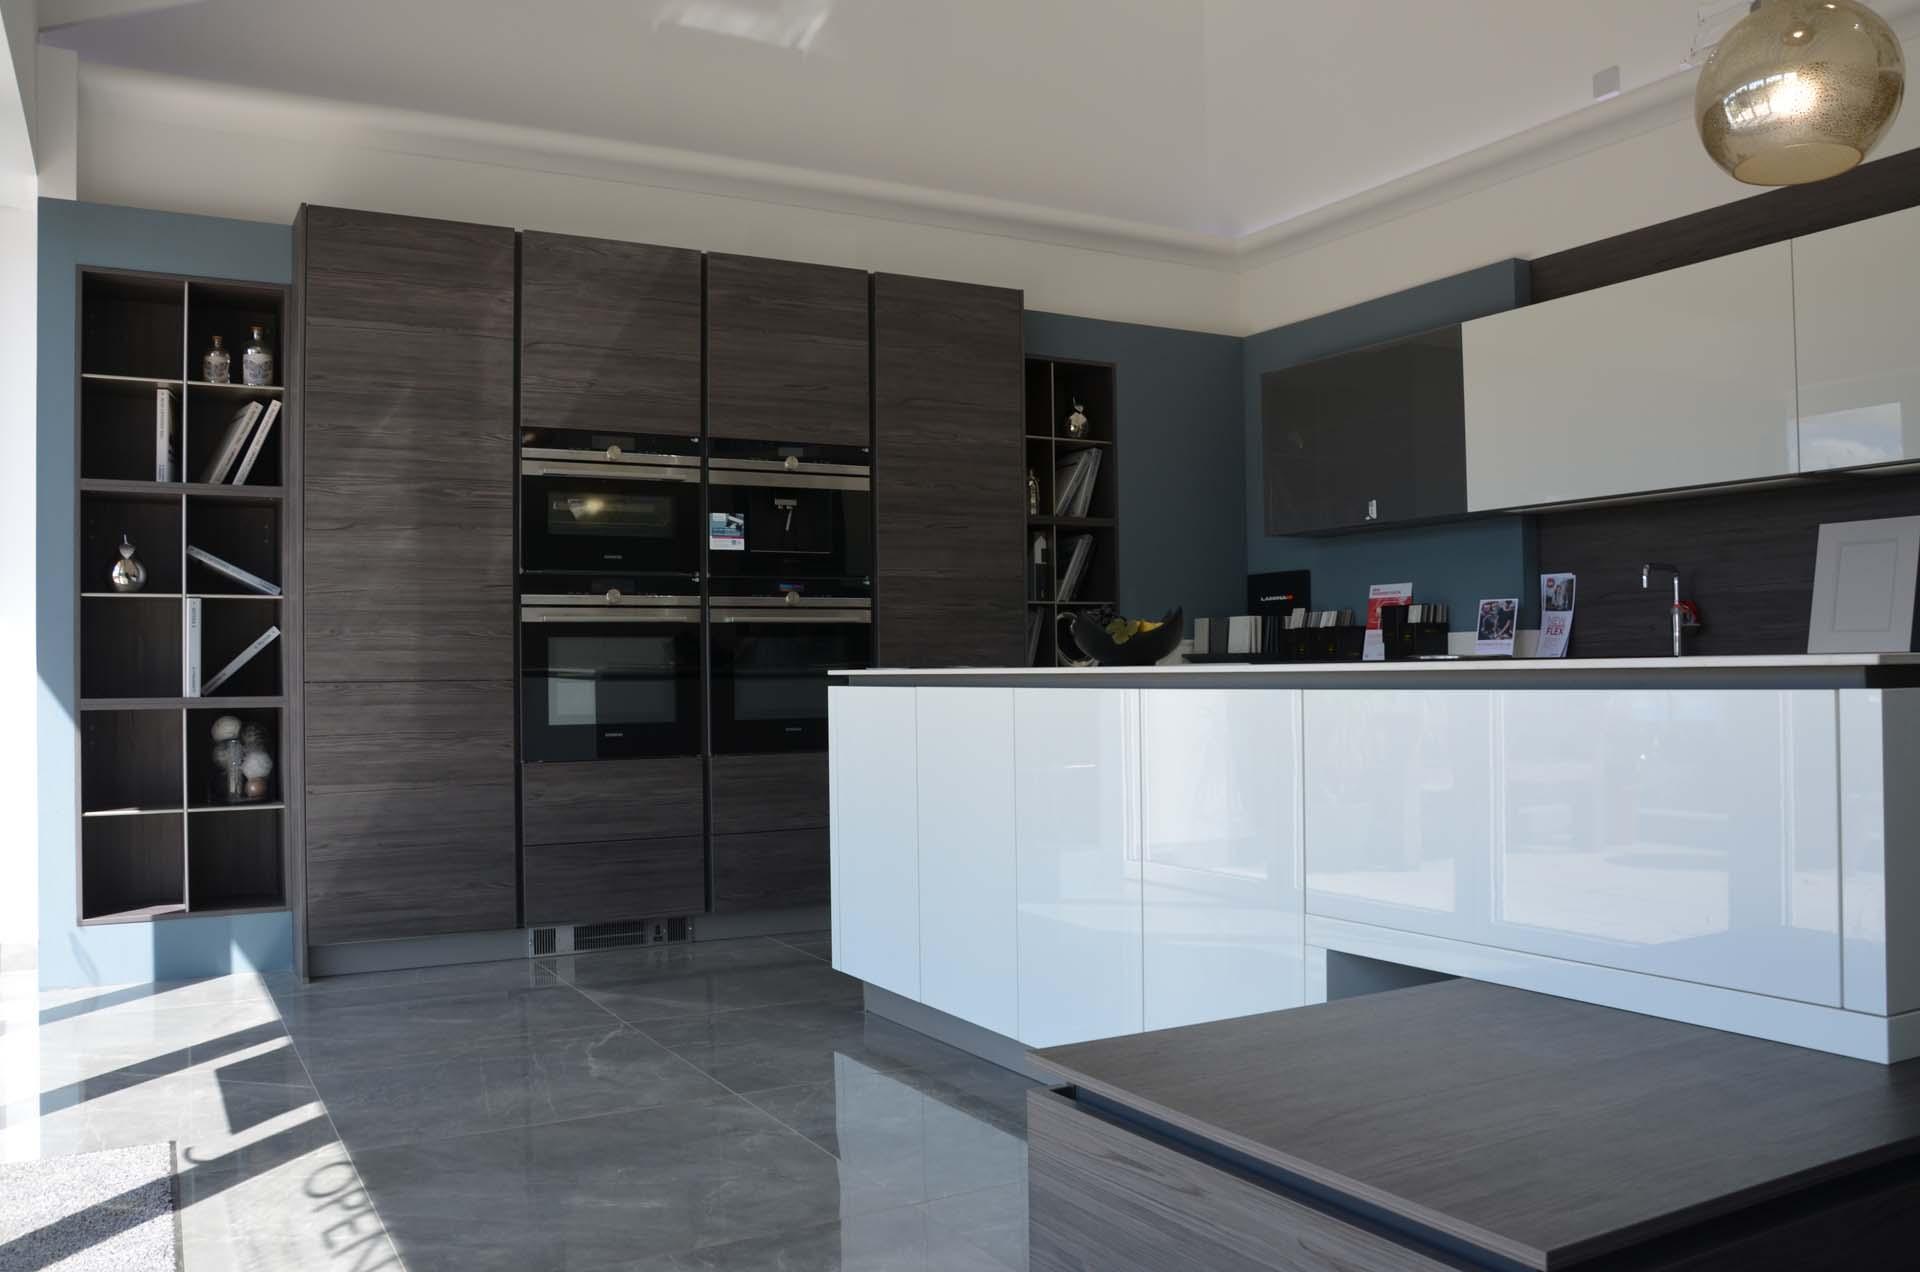 lbf-essex-kitchen-showroom-1-4.jpg